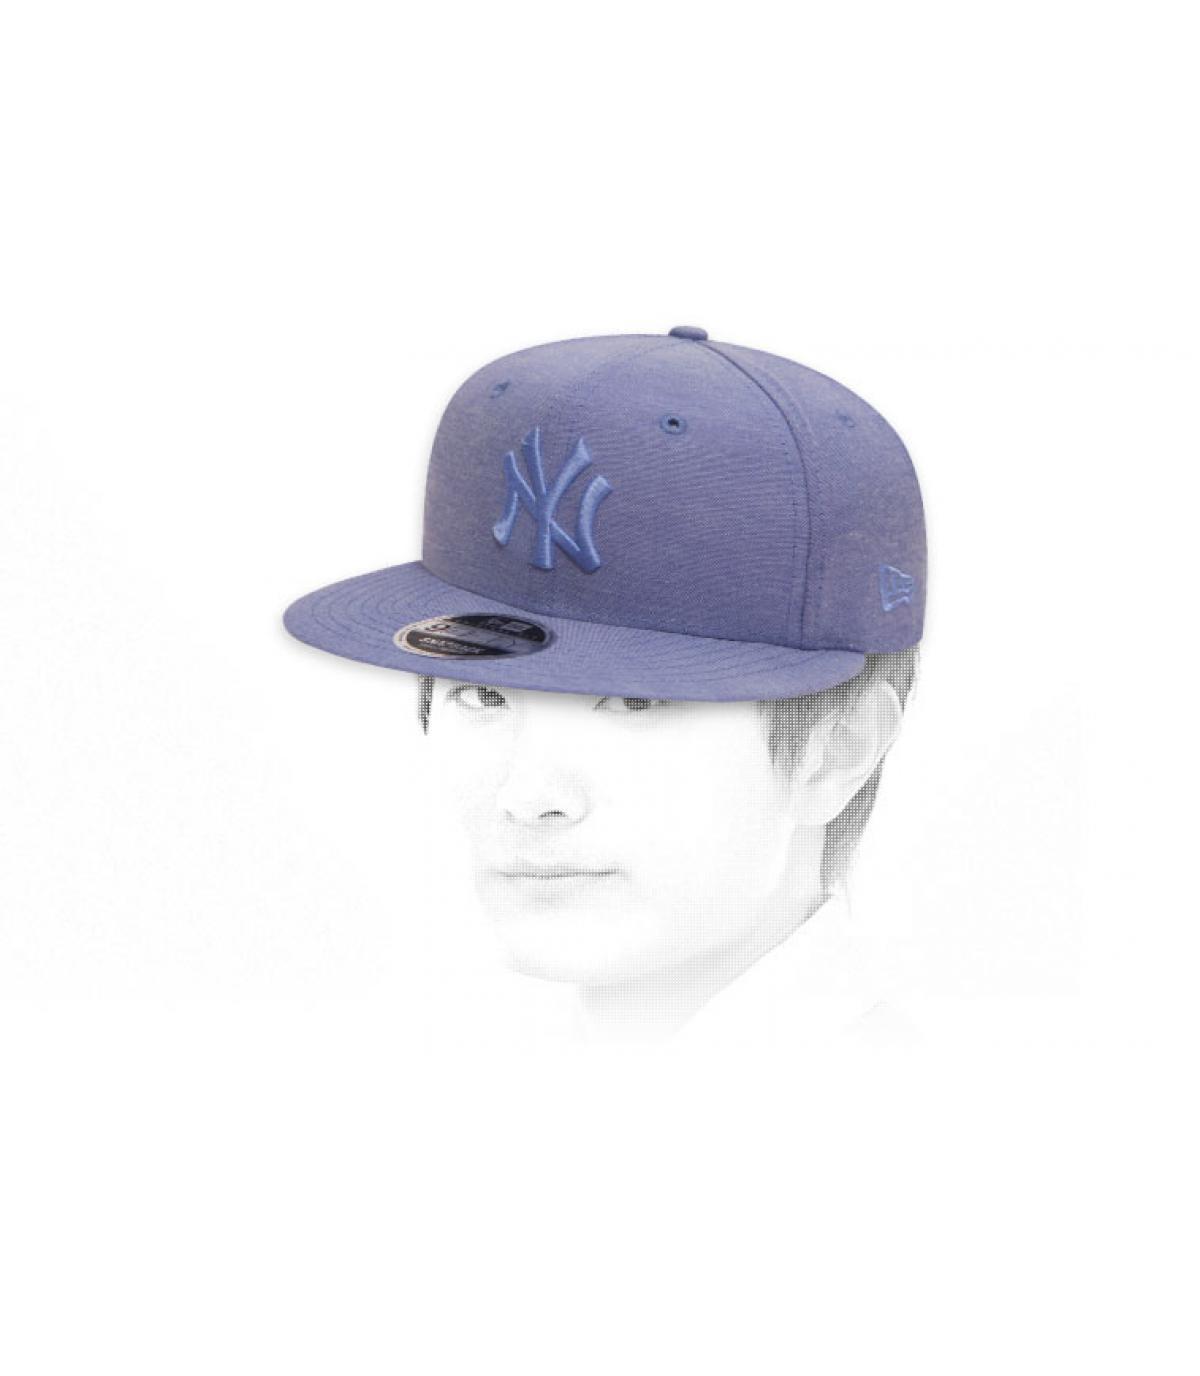 Snapback NY himmelblau